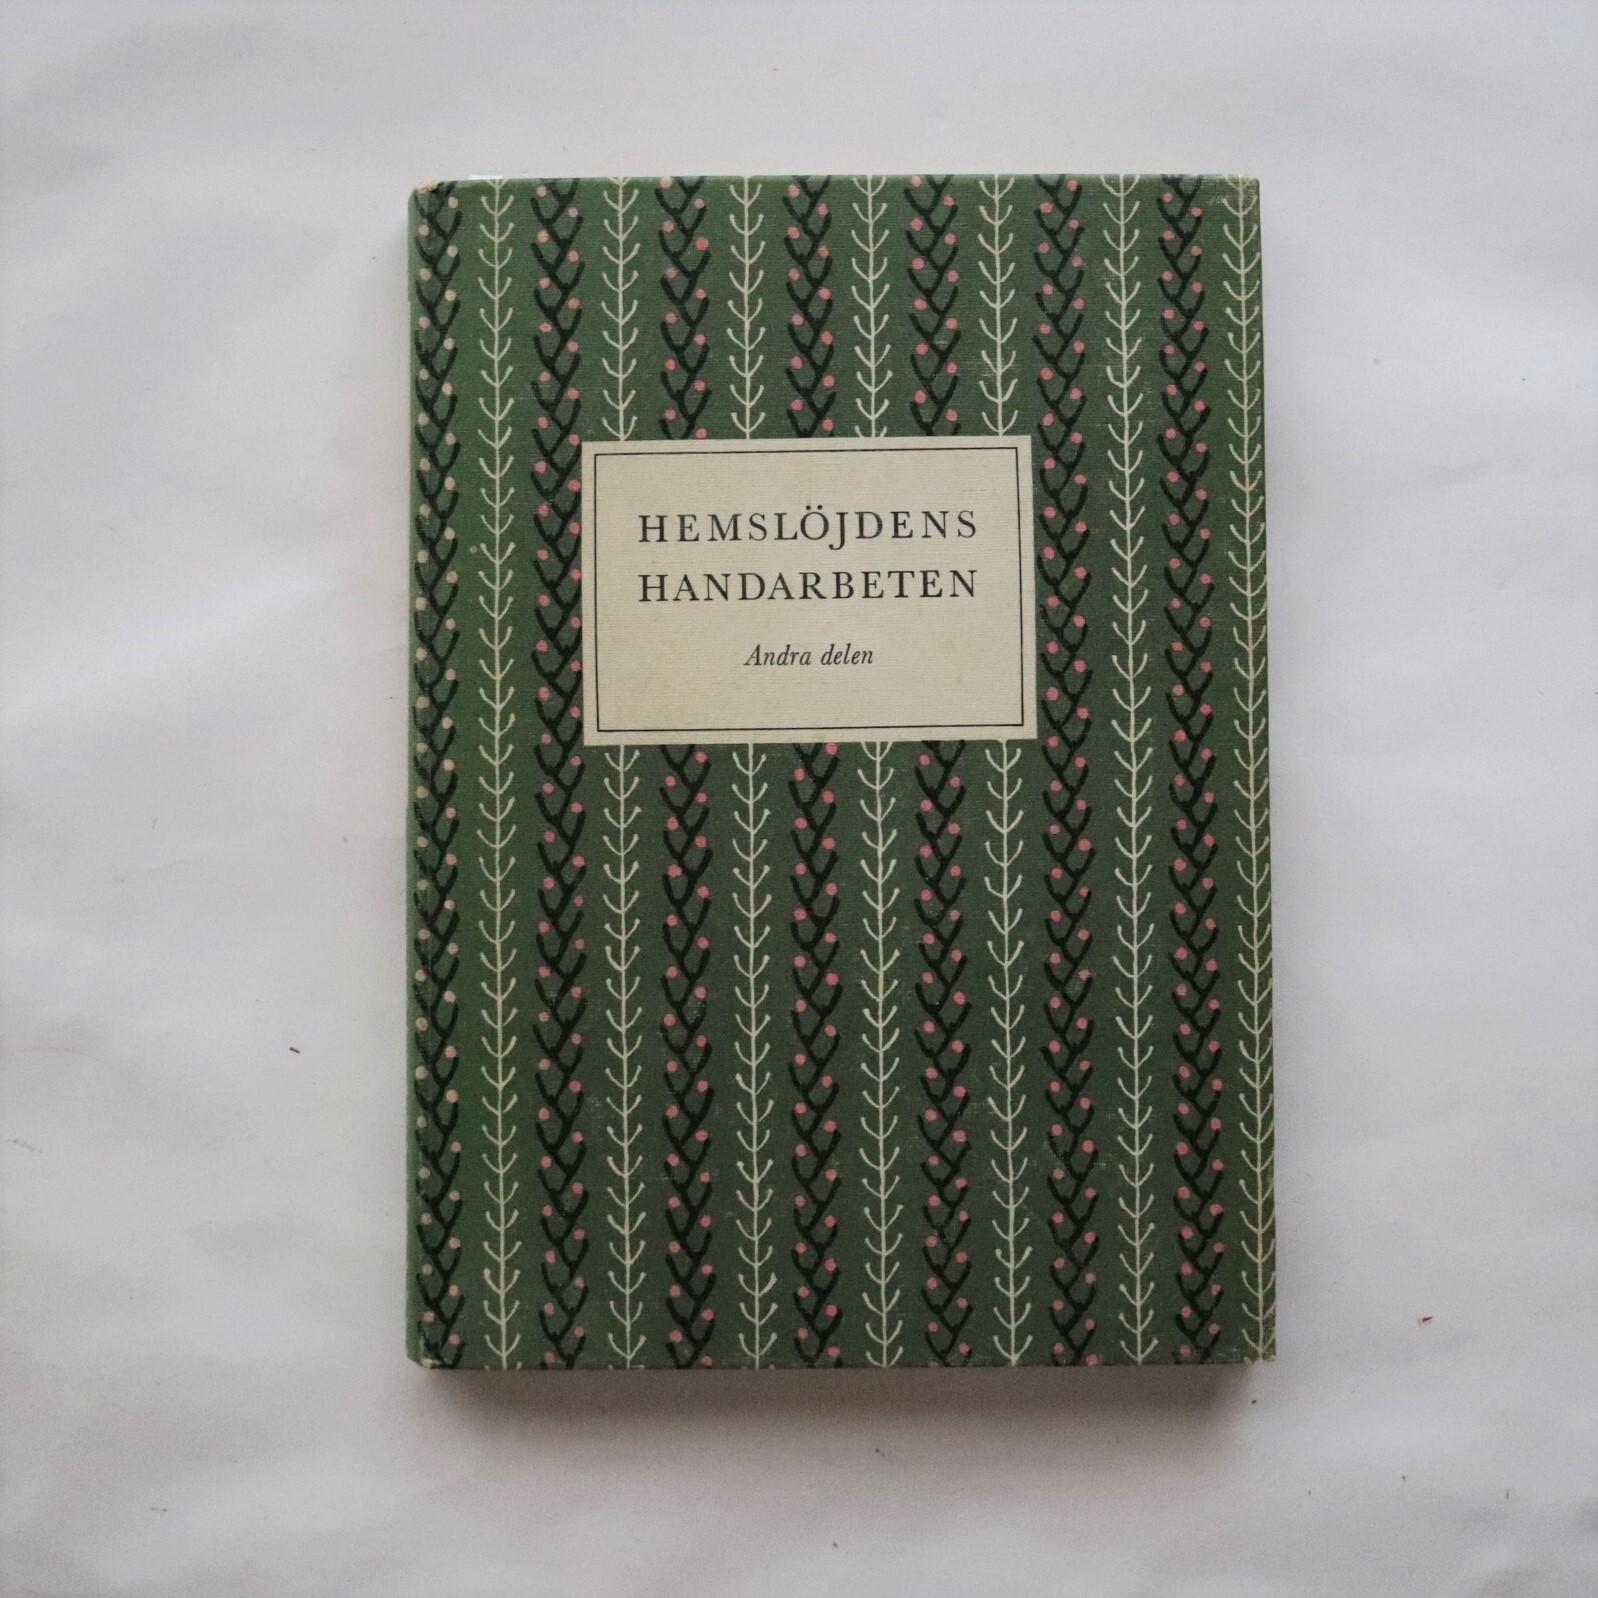 Hemslojdens handarbeten Andra delen /ヘムスロイド伝統工芸協会の作品